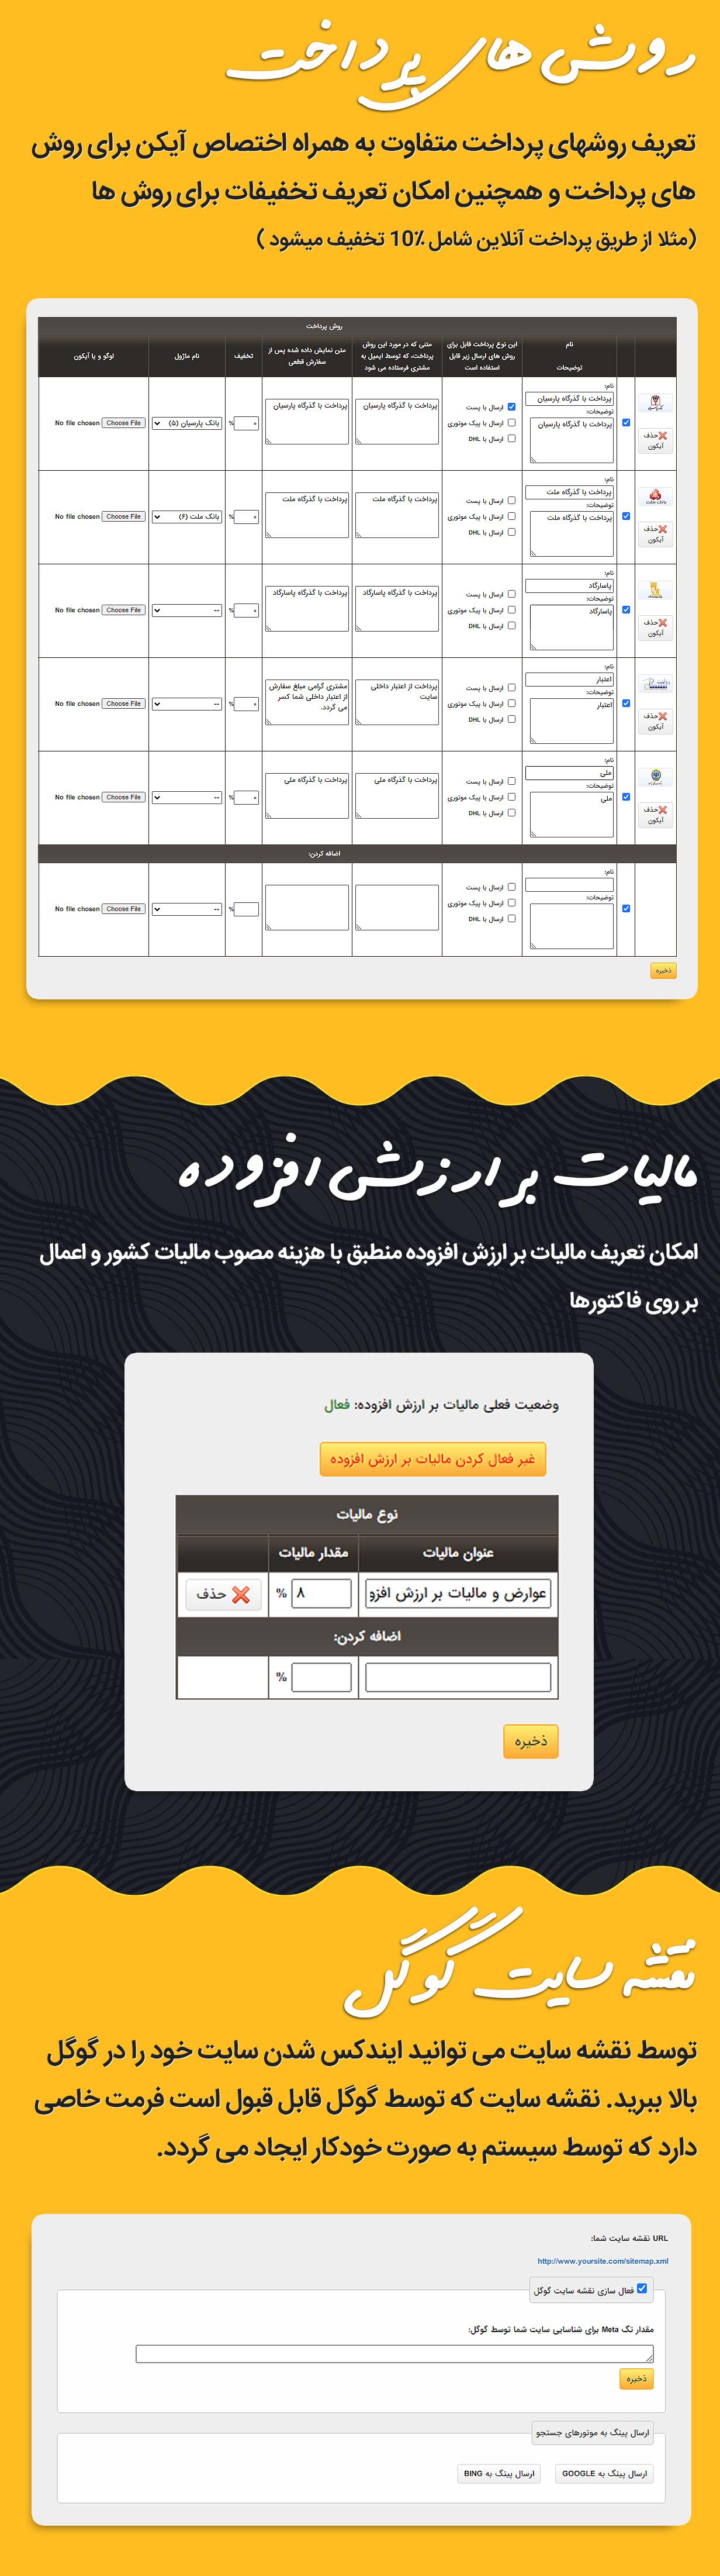 روش های پرداخت، مالیات بر ارزش افزوده و نقشه سایت اسکریپت فارسی GNIK